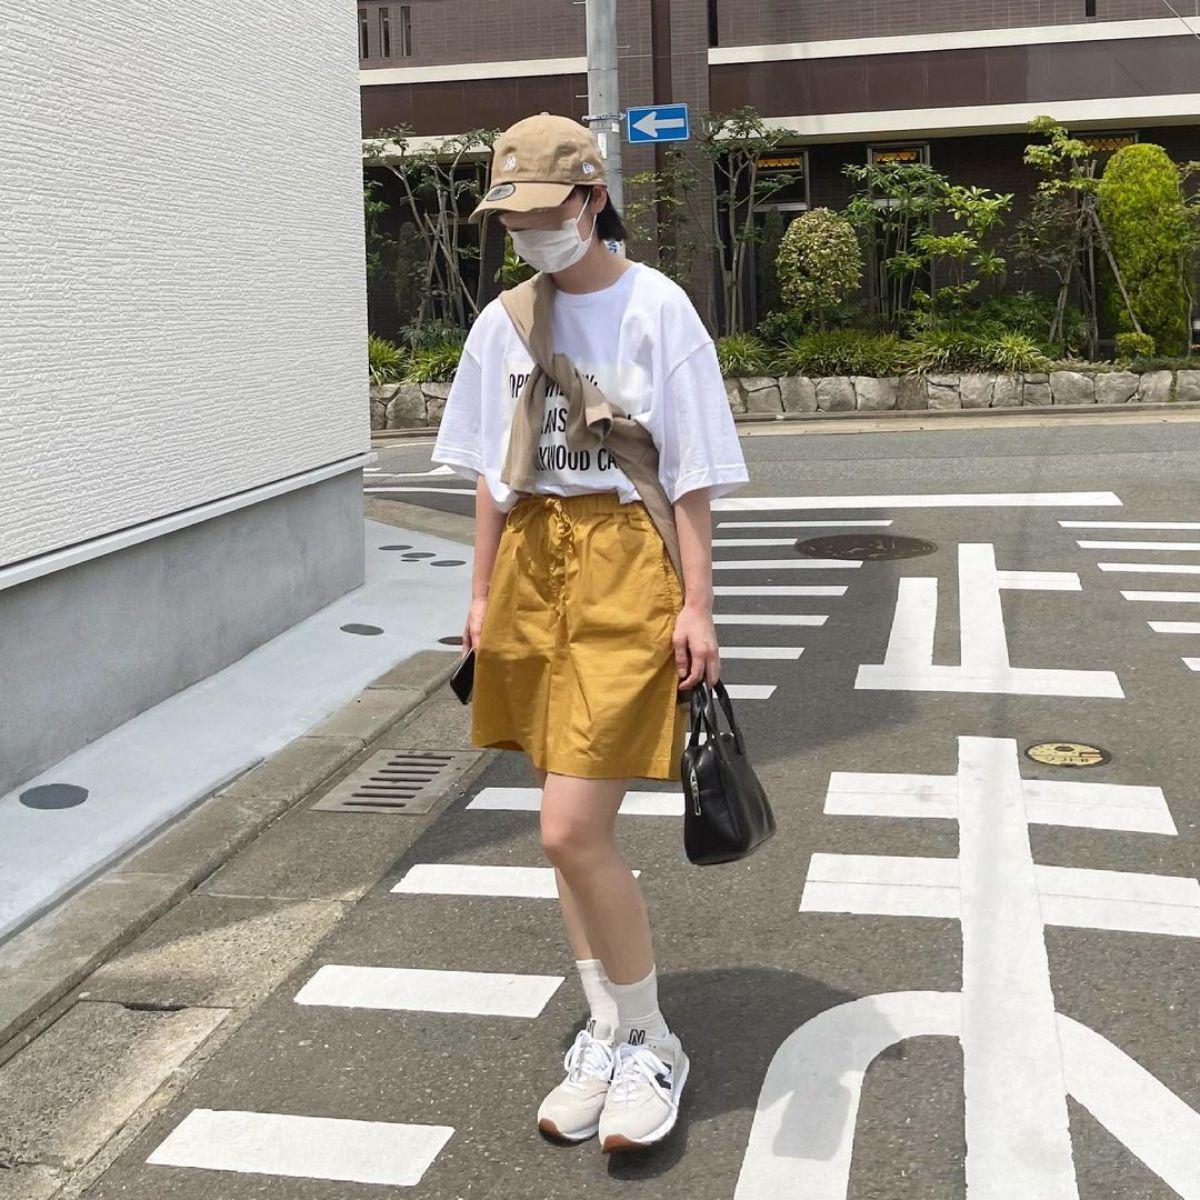 1990円でゲットできる「無印のショートパンツ」が多色買いしたいほどかわいい。今年の夏に大活躍の予感です